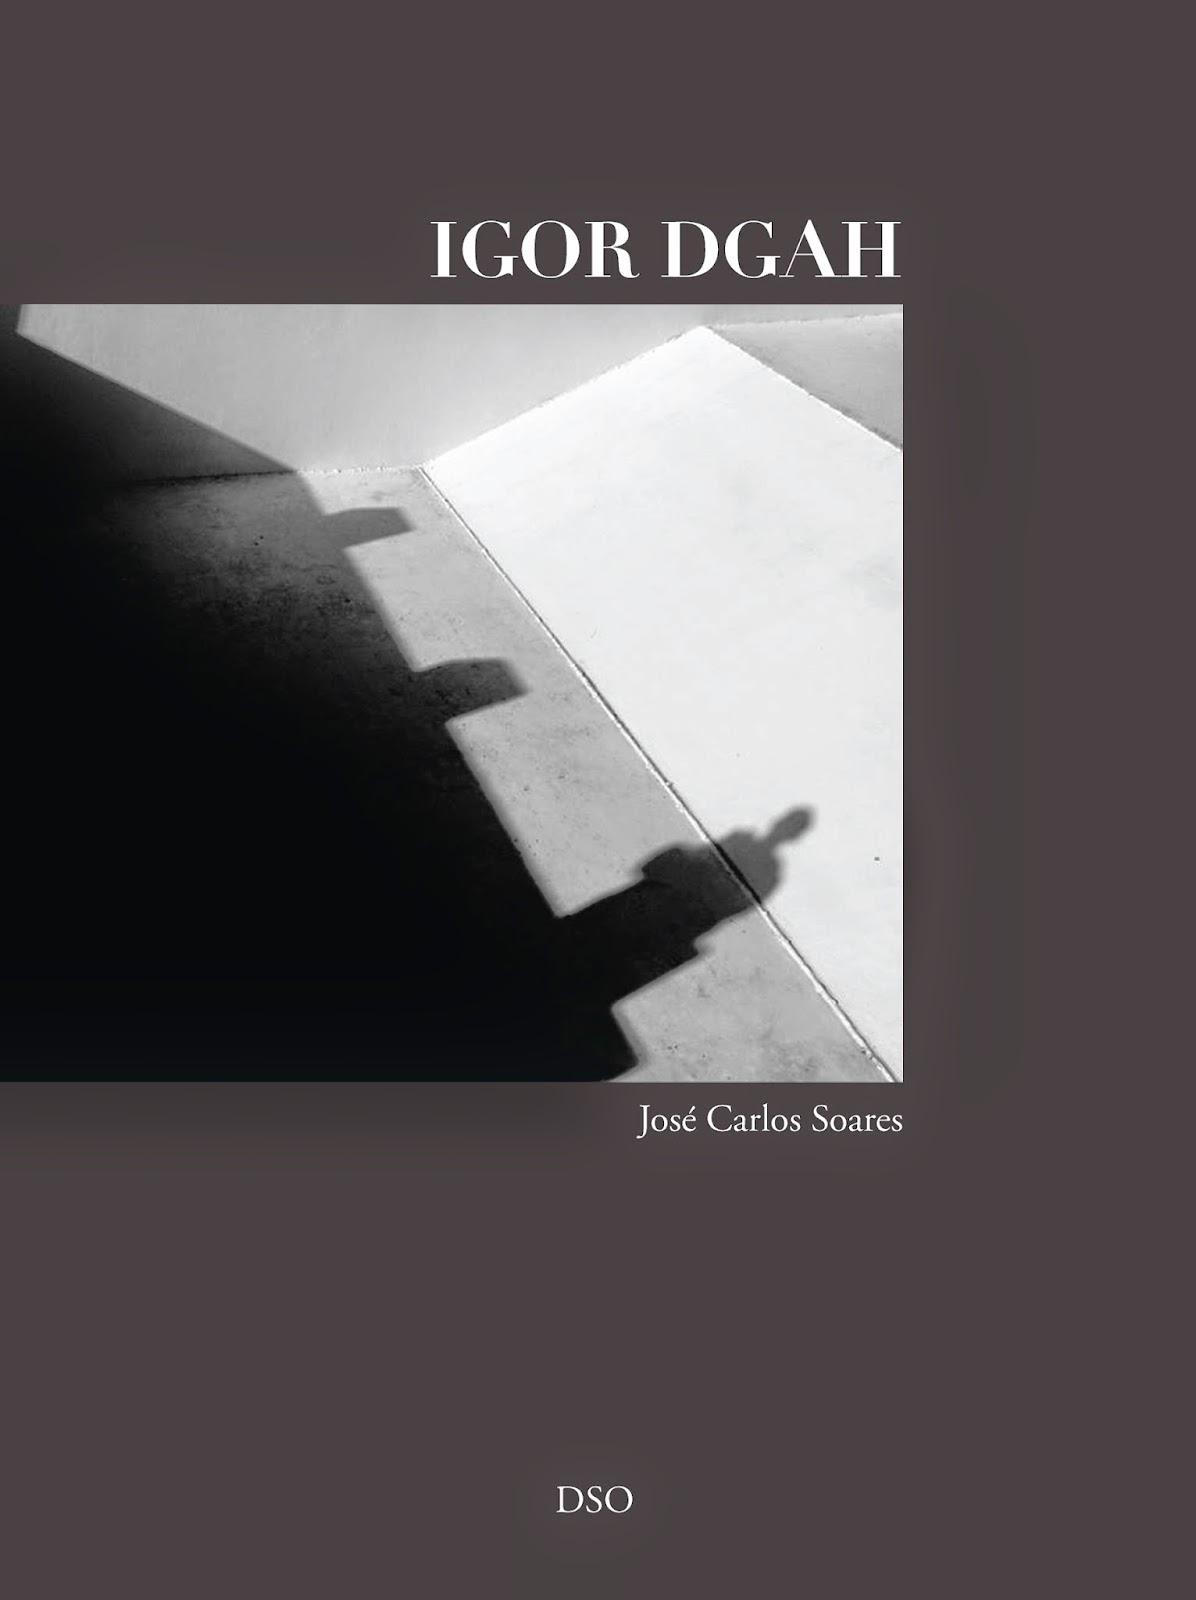 Igor Dgah